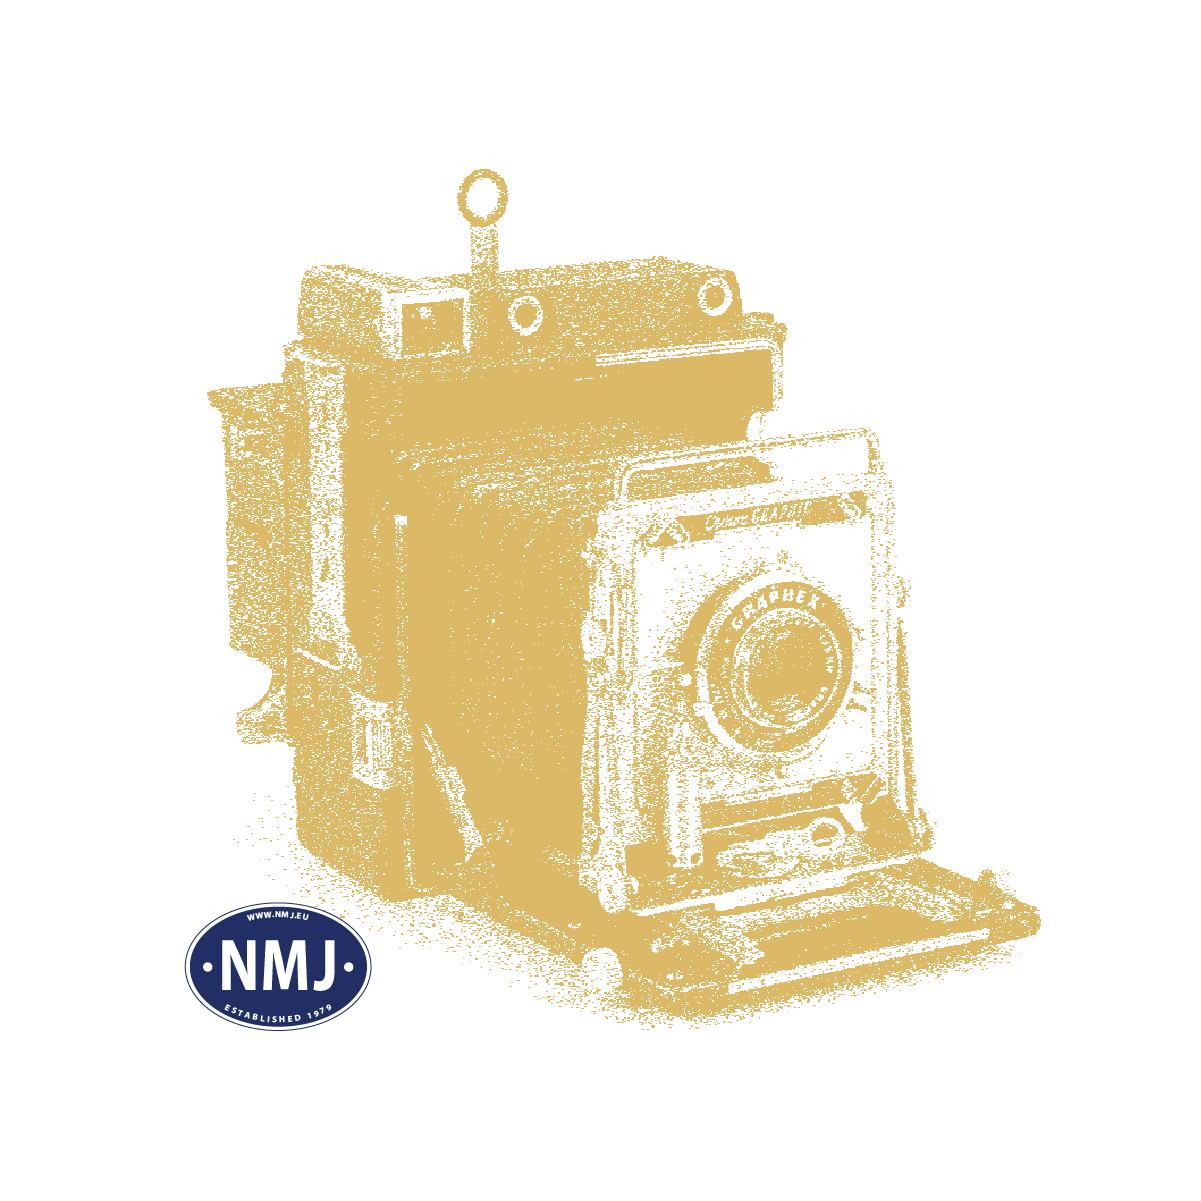 NMJT203.710 - NMJ Topline Veolia AB3K 4870, 1./2.Klasse personvogn